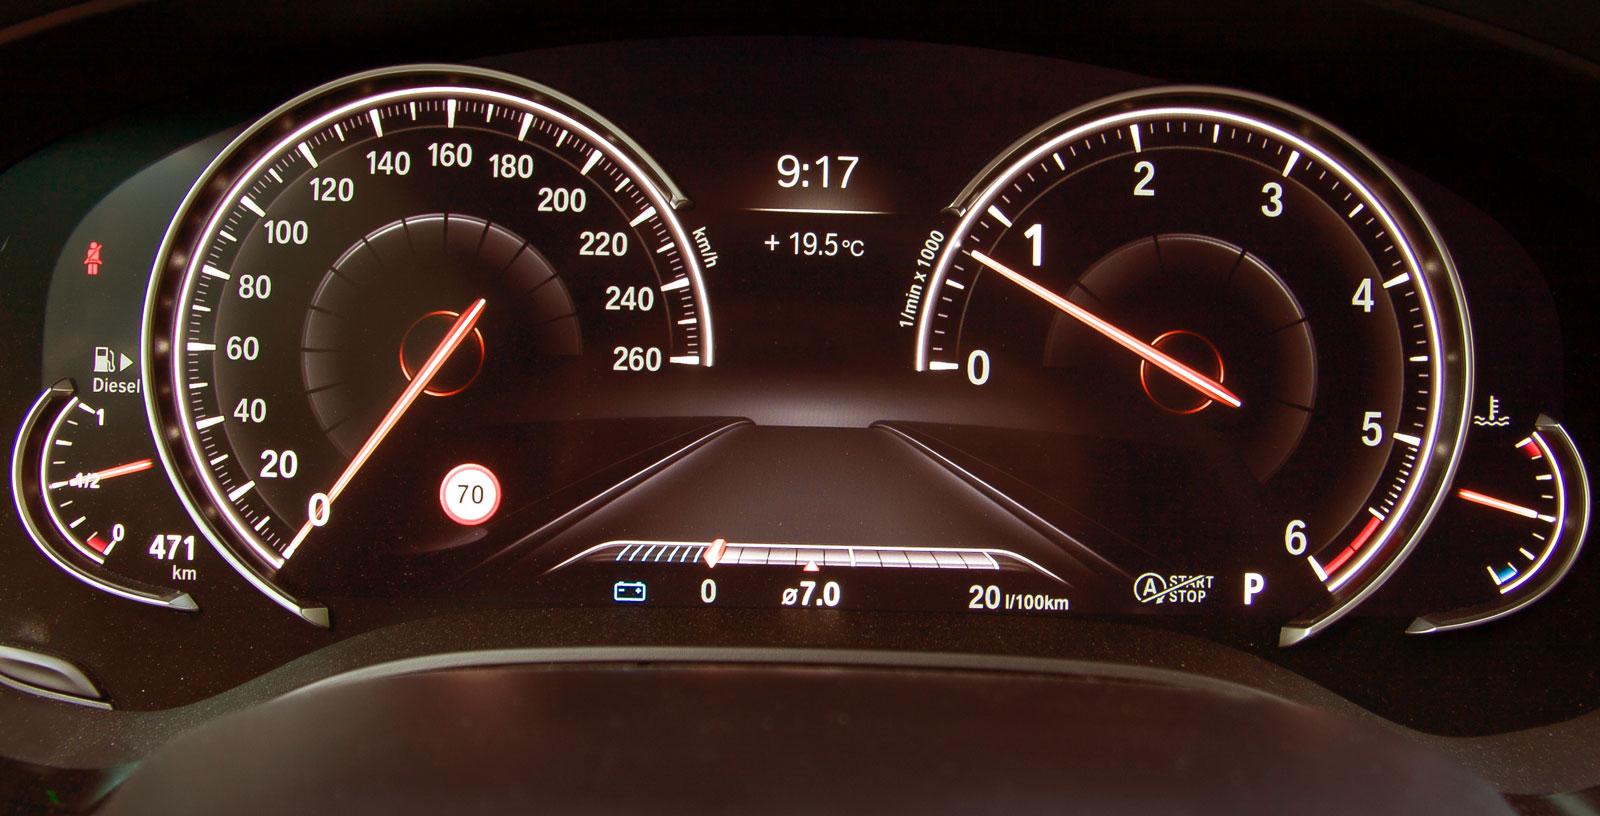 Även i BMW kan utseendet på mätare etcetera framför föraren varieras efter körprogram och egna val. I underkant den momentana förbrukningsmätare som i princip, men i olika utföranden, funnits i märkets bilar sedan decennier tillbaka.